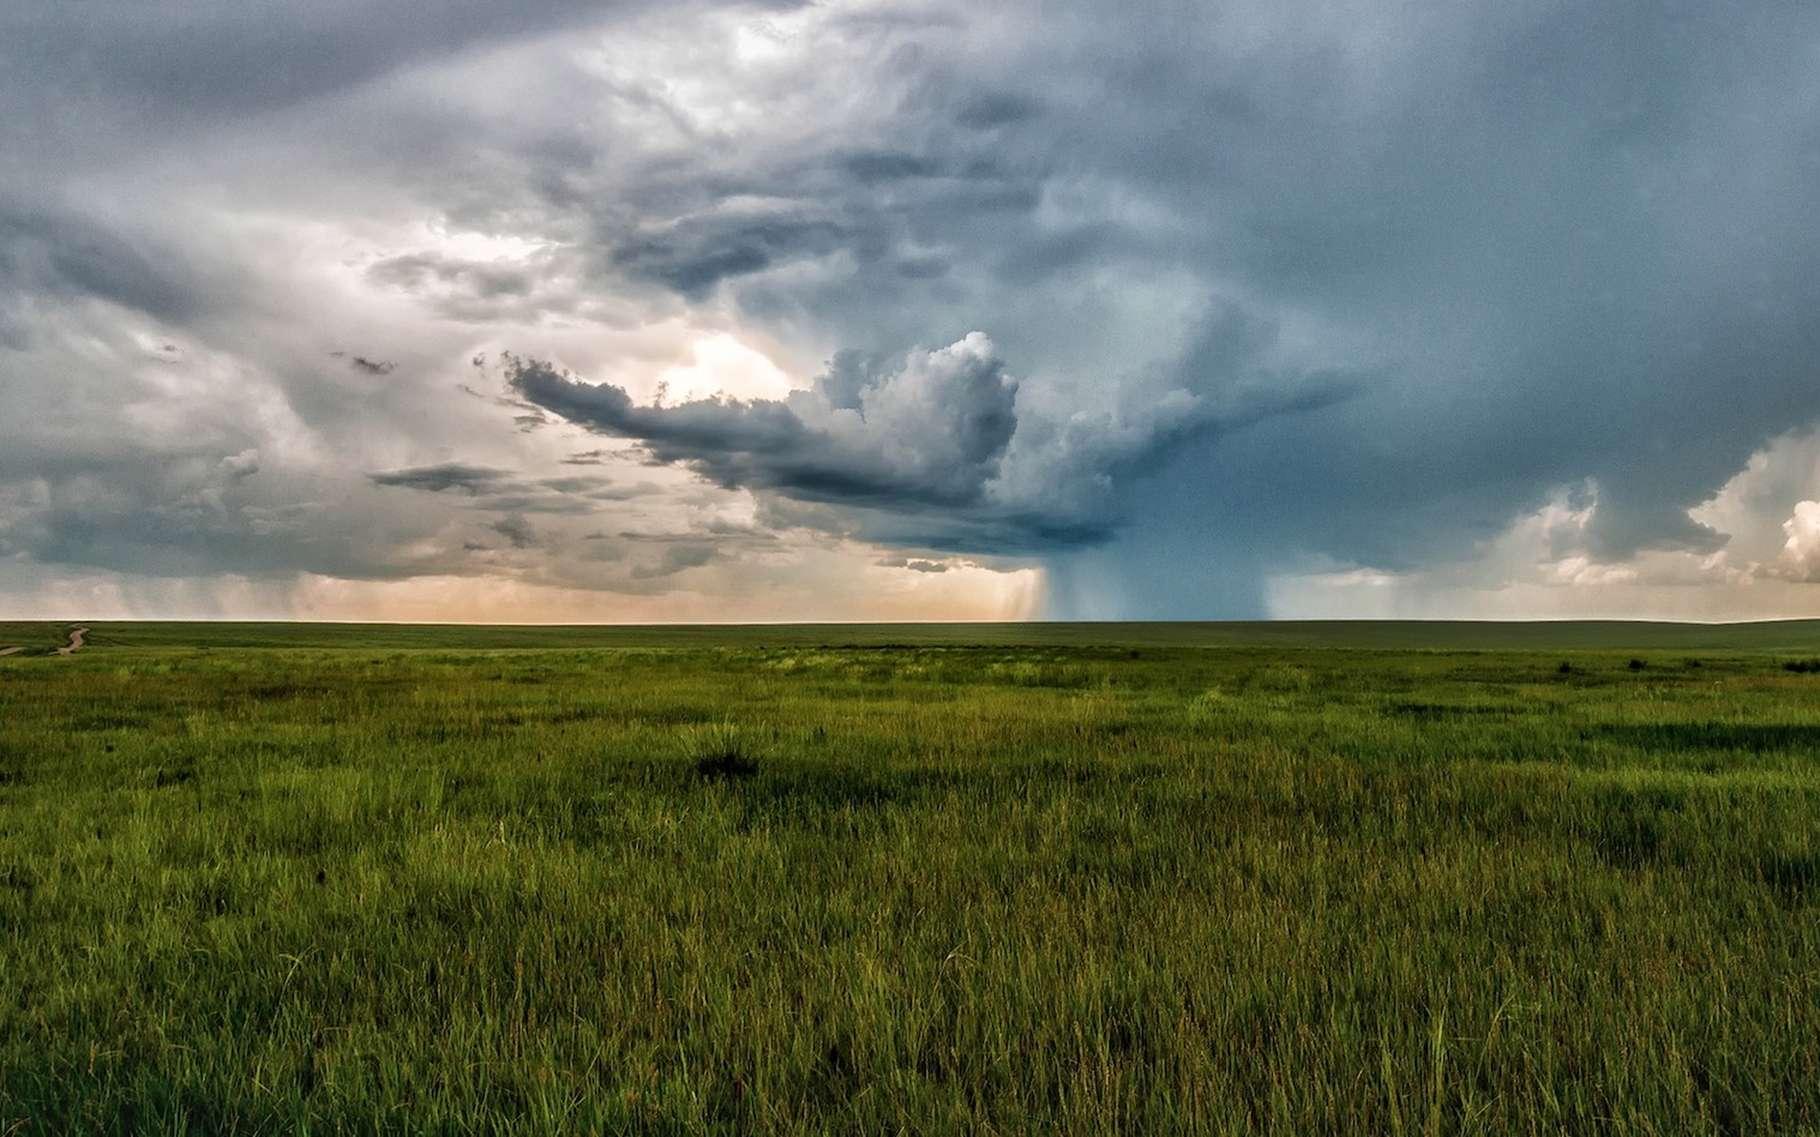 En été, la steppe de Mongolie ressemble aux prairies d'Amérique du Nord. © Kanenori, Pixabay, CC0 Creative Commons